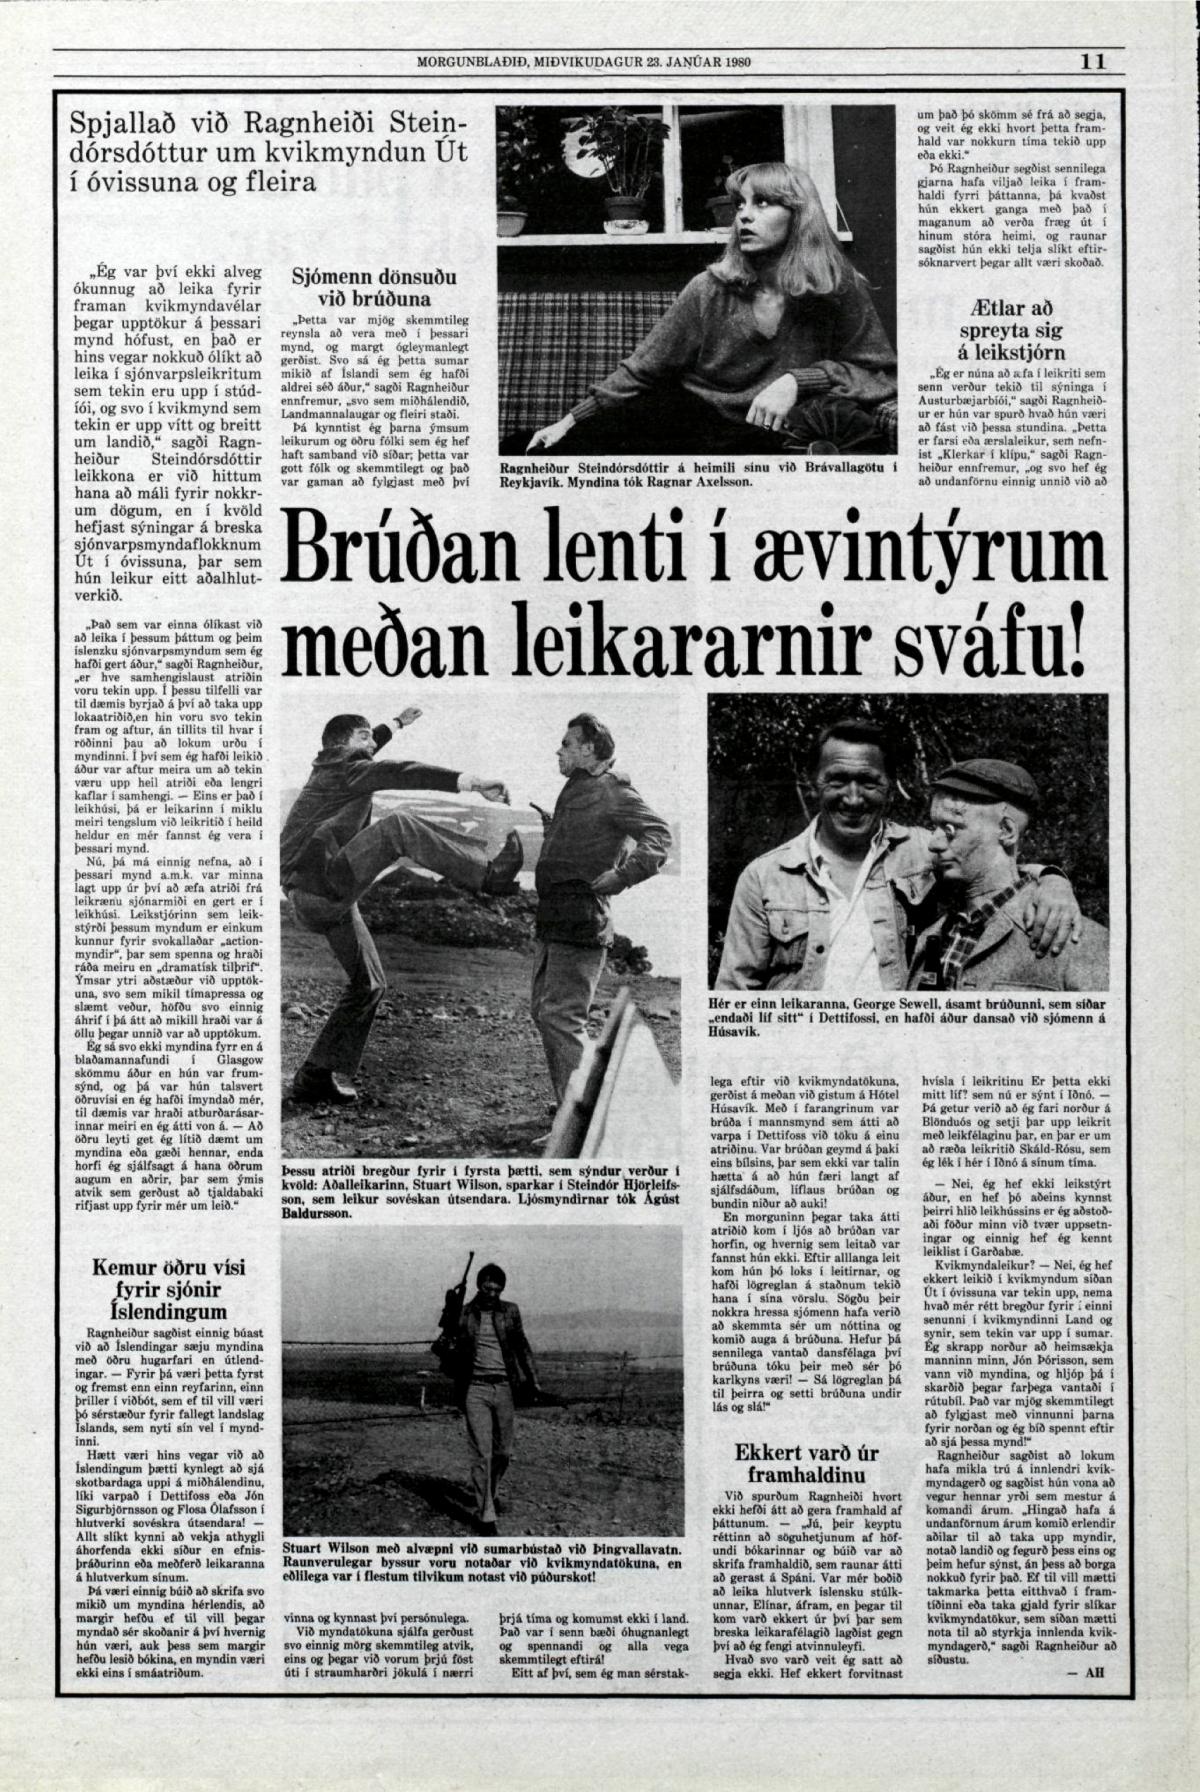 tvadaptation-iceland-tv-listing-morgunbladid-1980-01-23